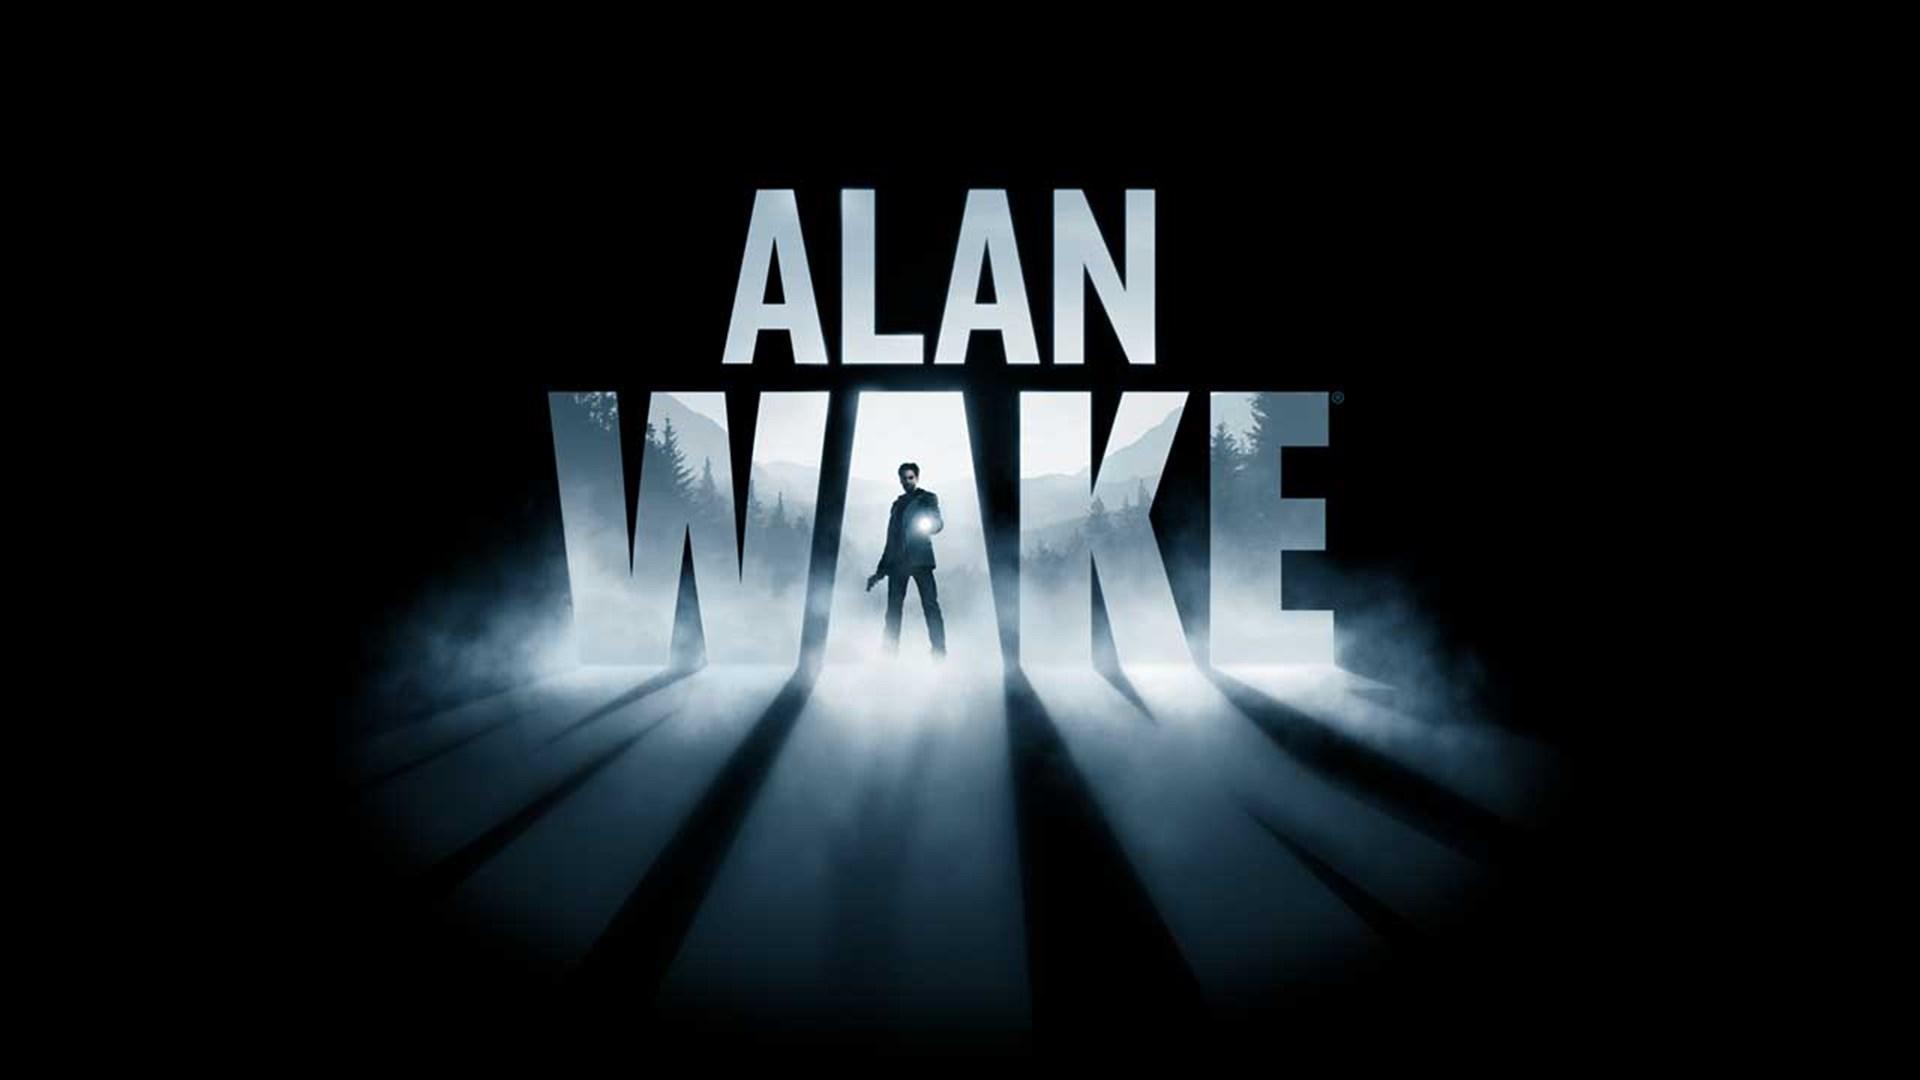 """apps.53068.66512344563571887.0decc815 c0f2 495d a5df 387a6f4e8032 - Remedy torna proprietaria di """"Alan Wake"""" che potrebbe quindi arrivare su nuove piattaforme"""